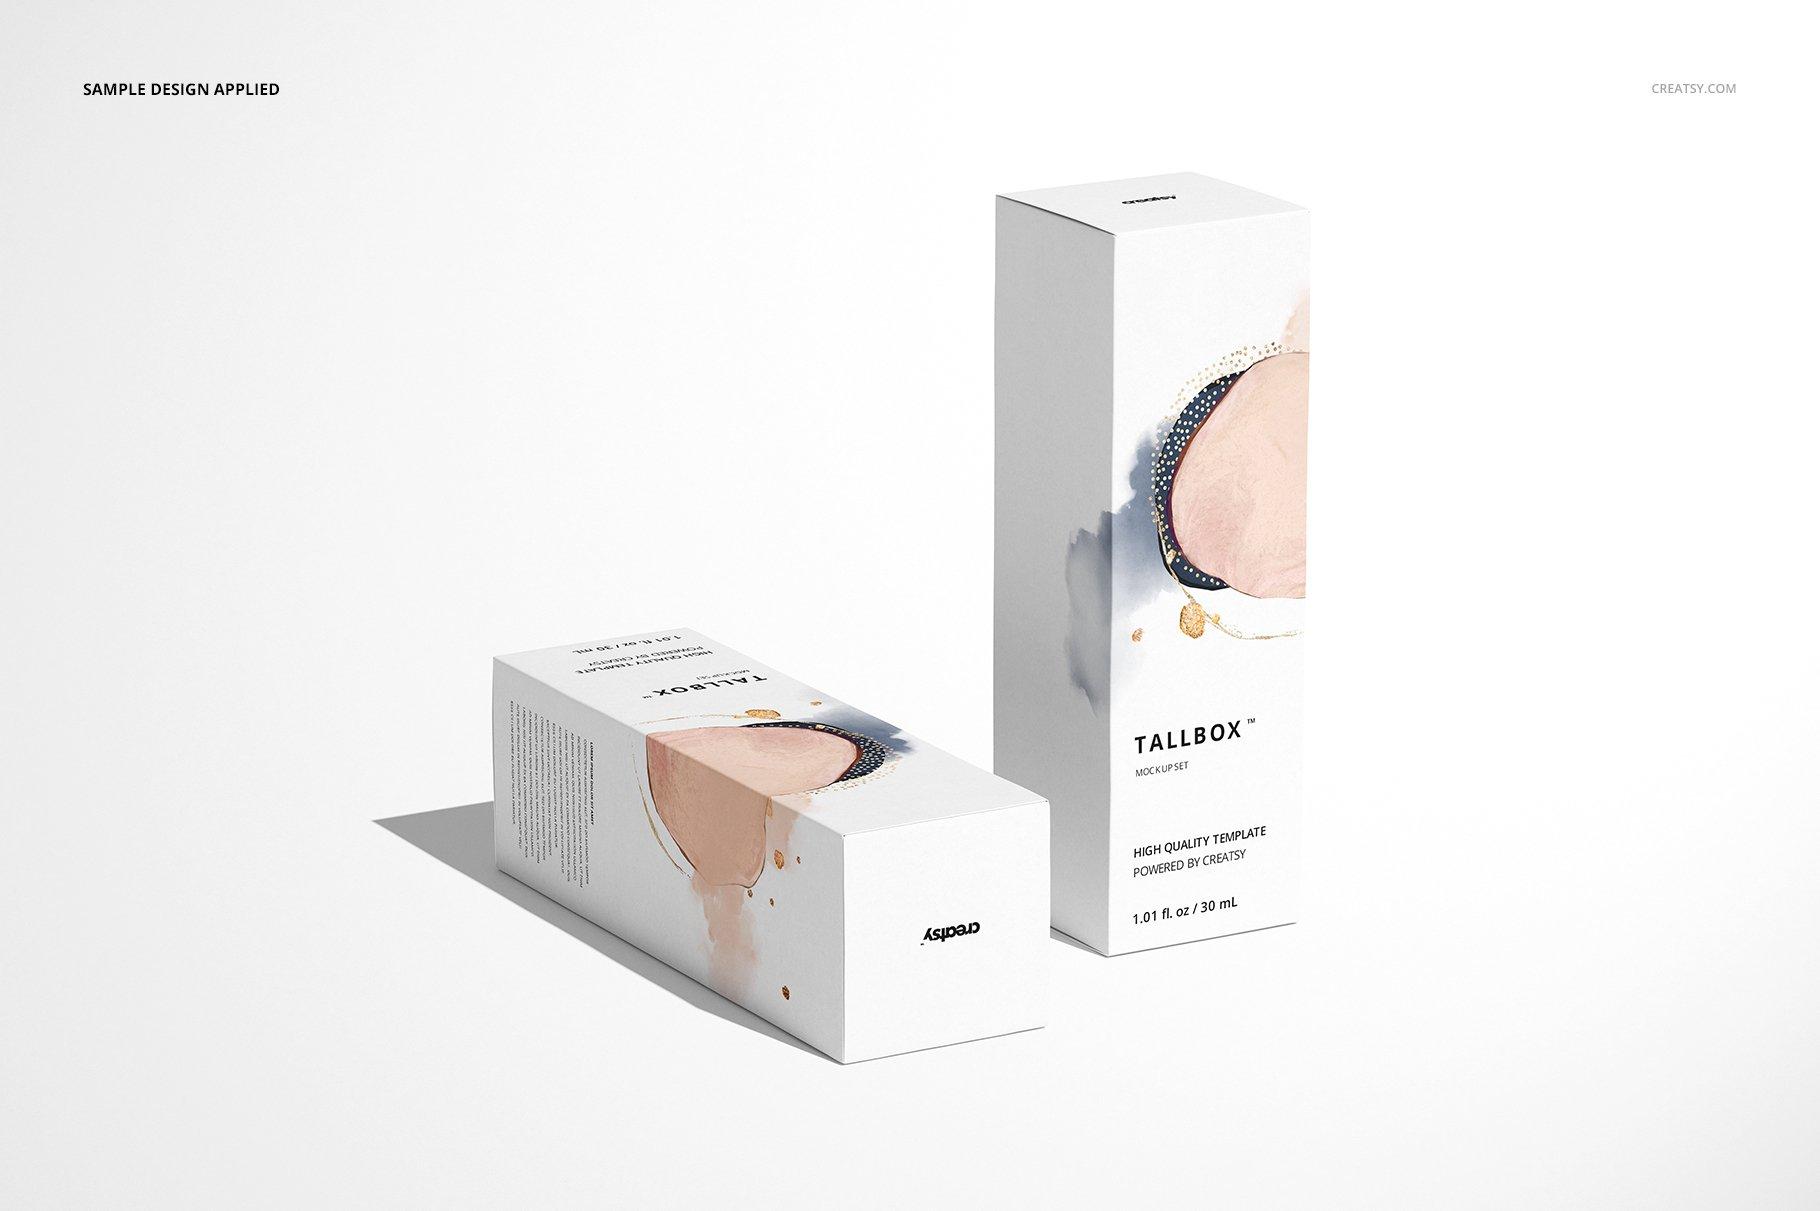 极简方形产品包装纸盒设计PS智能贴图样机合集 Tall Box Mockup Set插图5